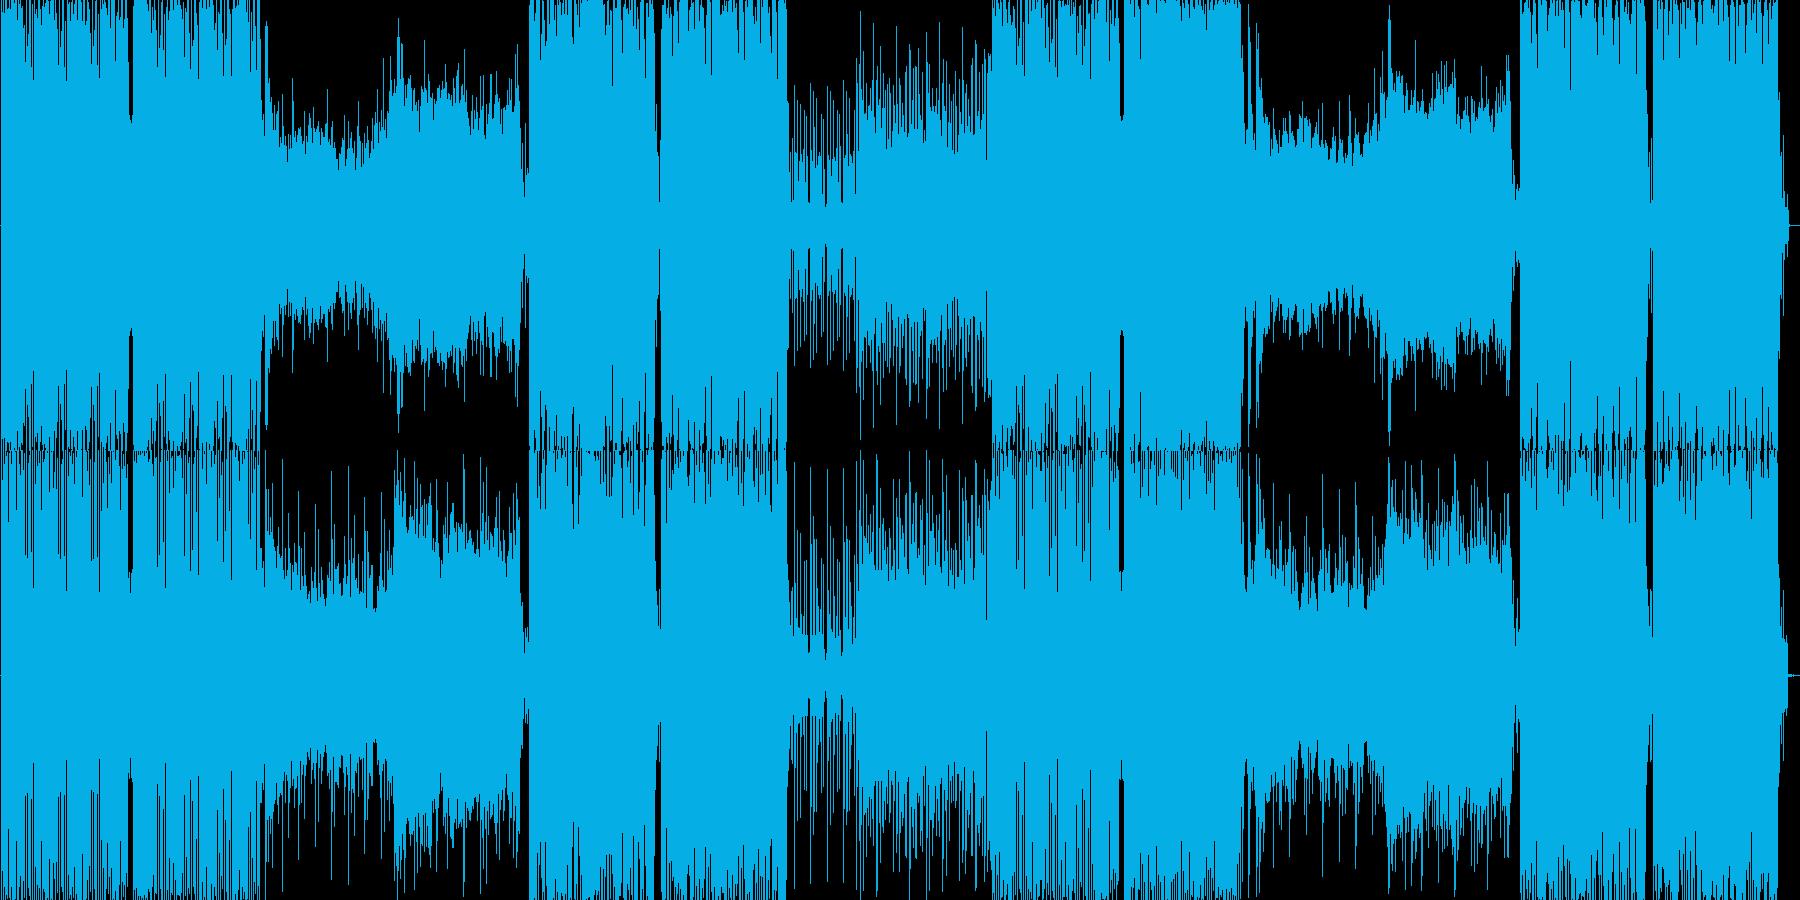 パンチの効いたバキバキのテクノの再生済みの波形